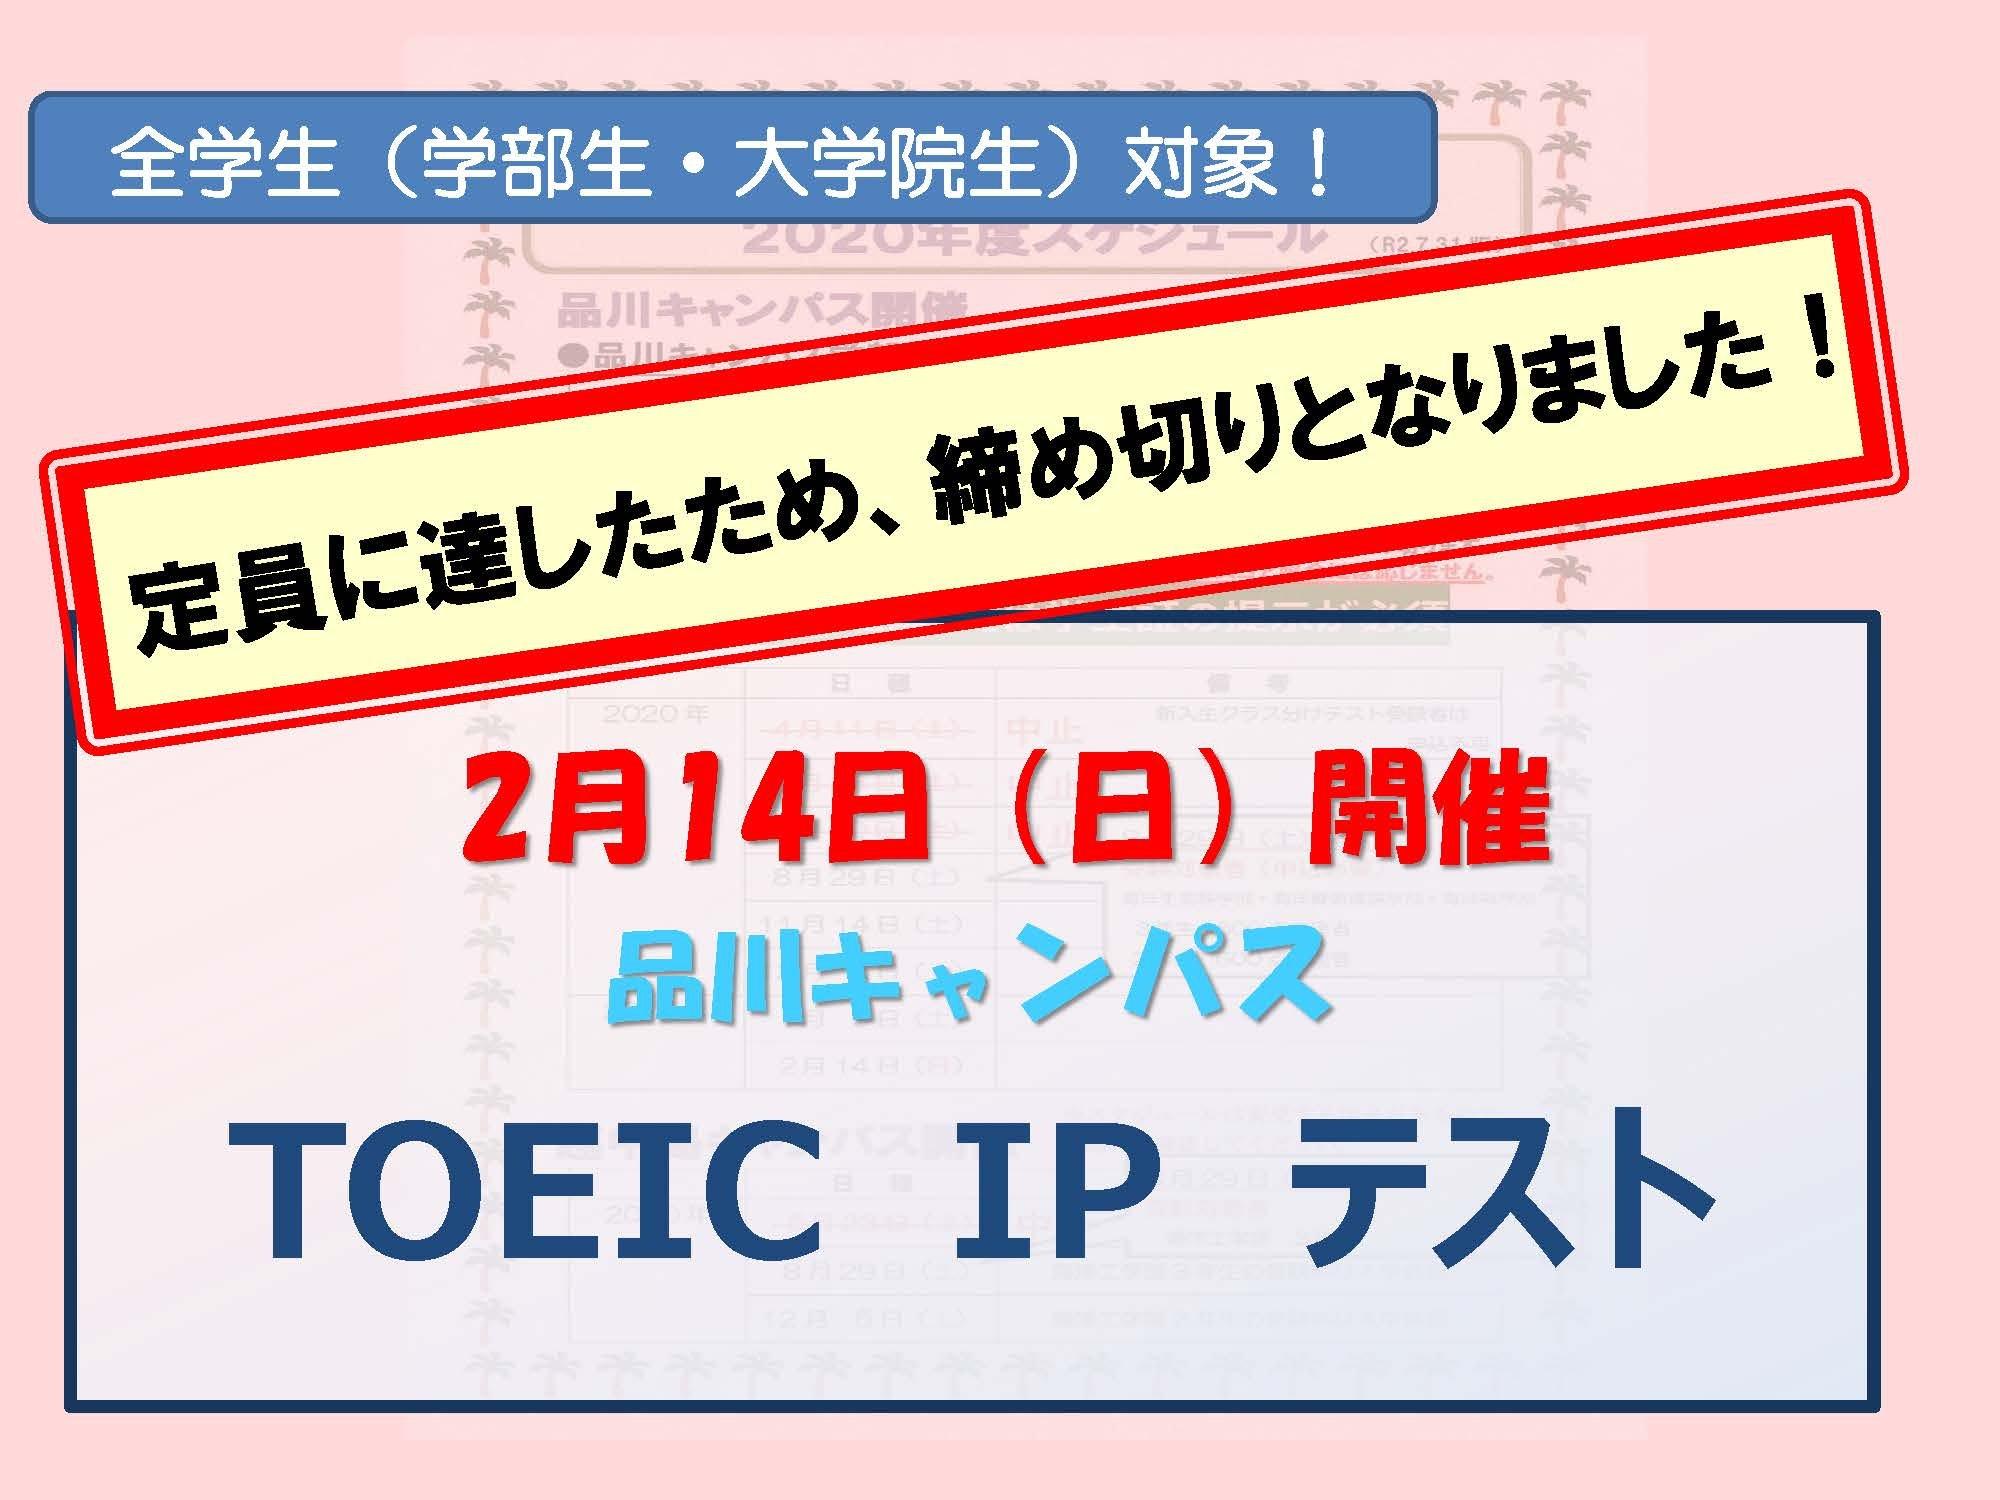 TOEIC IPテストスケジュール(2月14日(日)の申込みは締め切りとなりました)